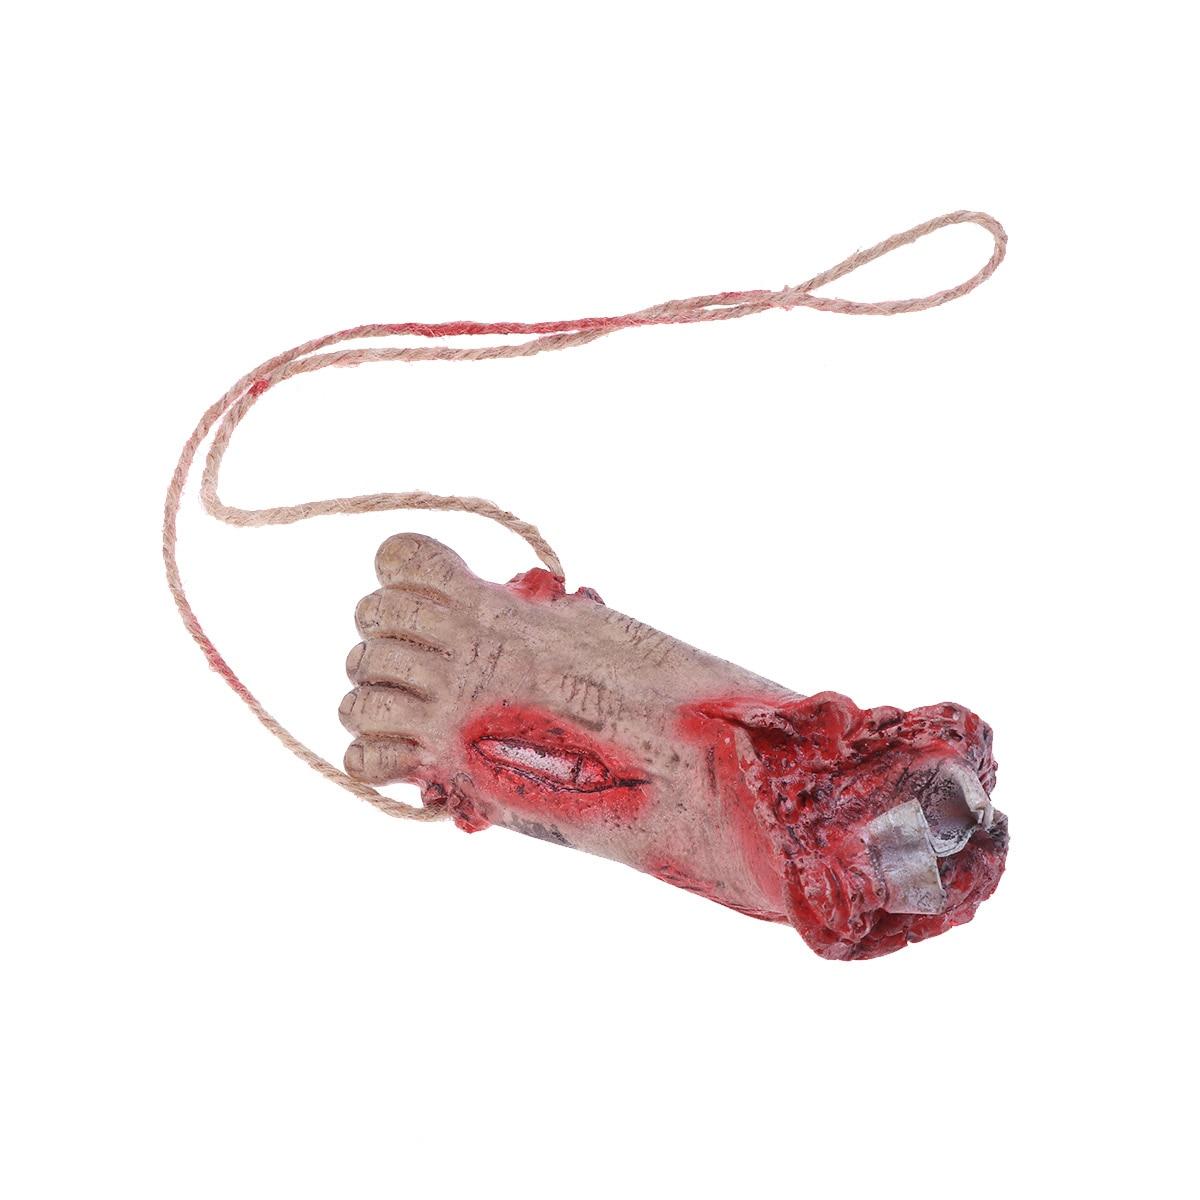 1 Pcs Terror Prop Scary Horrific Human Parts Prop Body